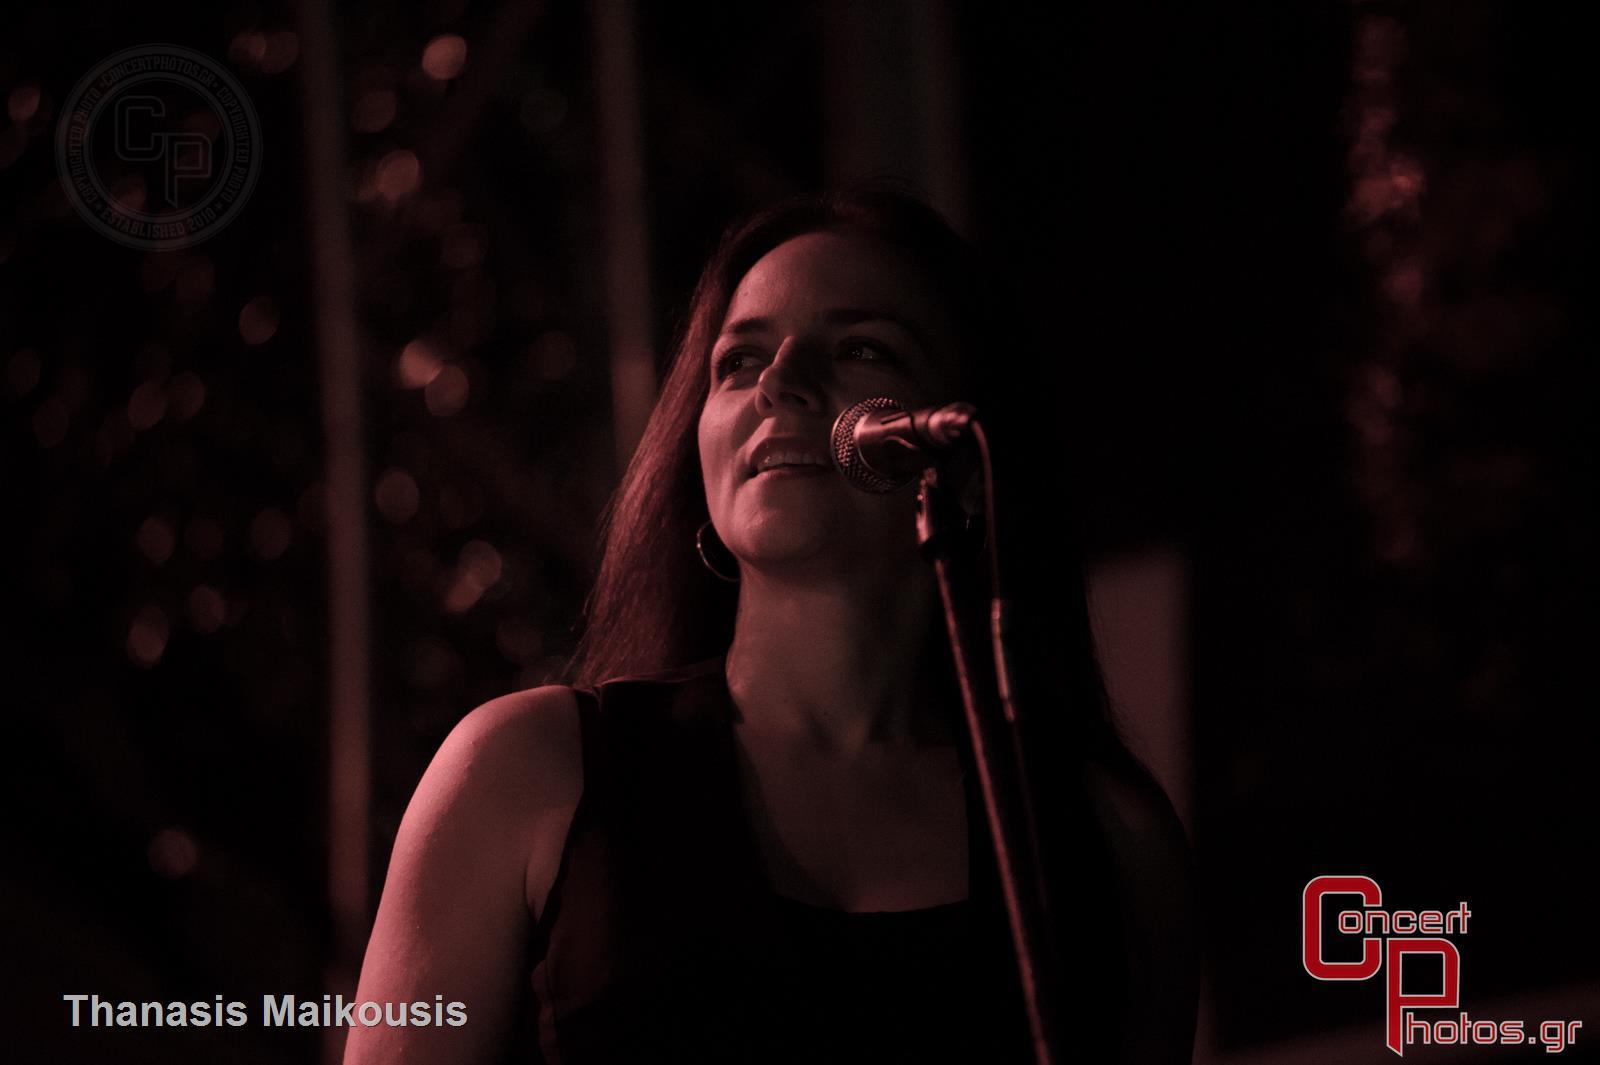 En Lefko 2014-En Lefko 2014 photographer: Thanasis Maikousis - concertphotos_20140621_23_09_20